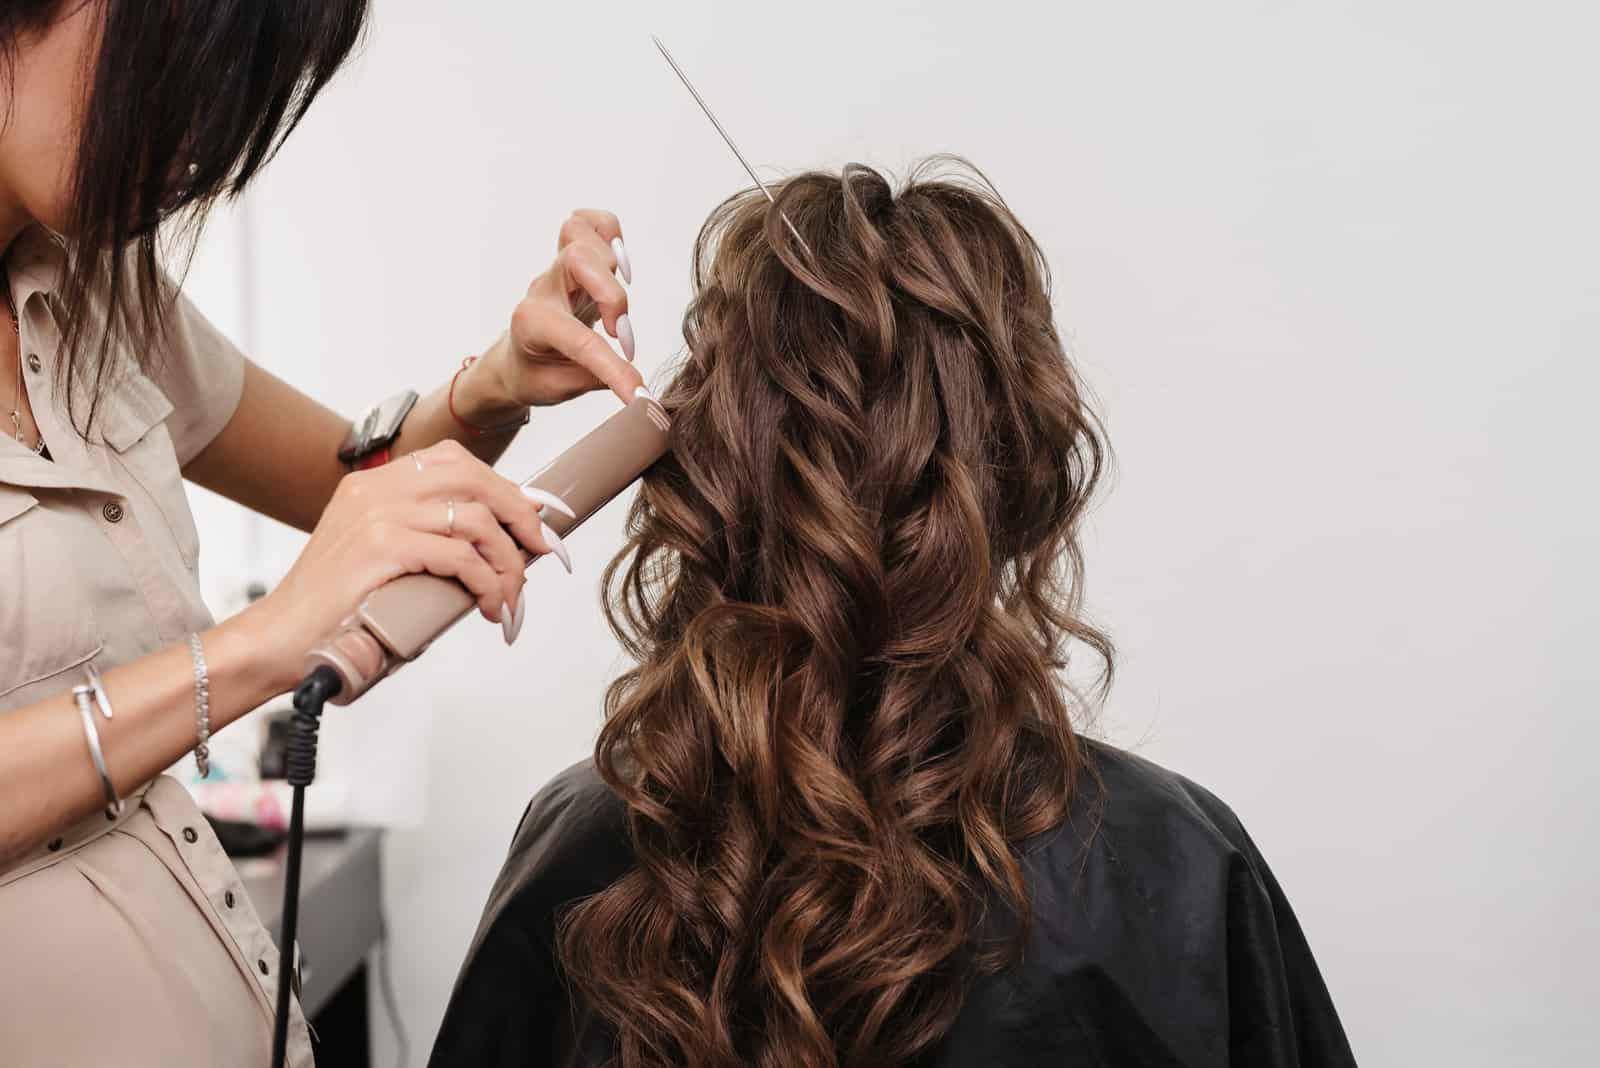 Friseur in einem Schönheitssalon macht eine Frisur für ein Mädchen Braut